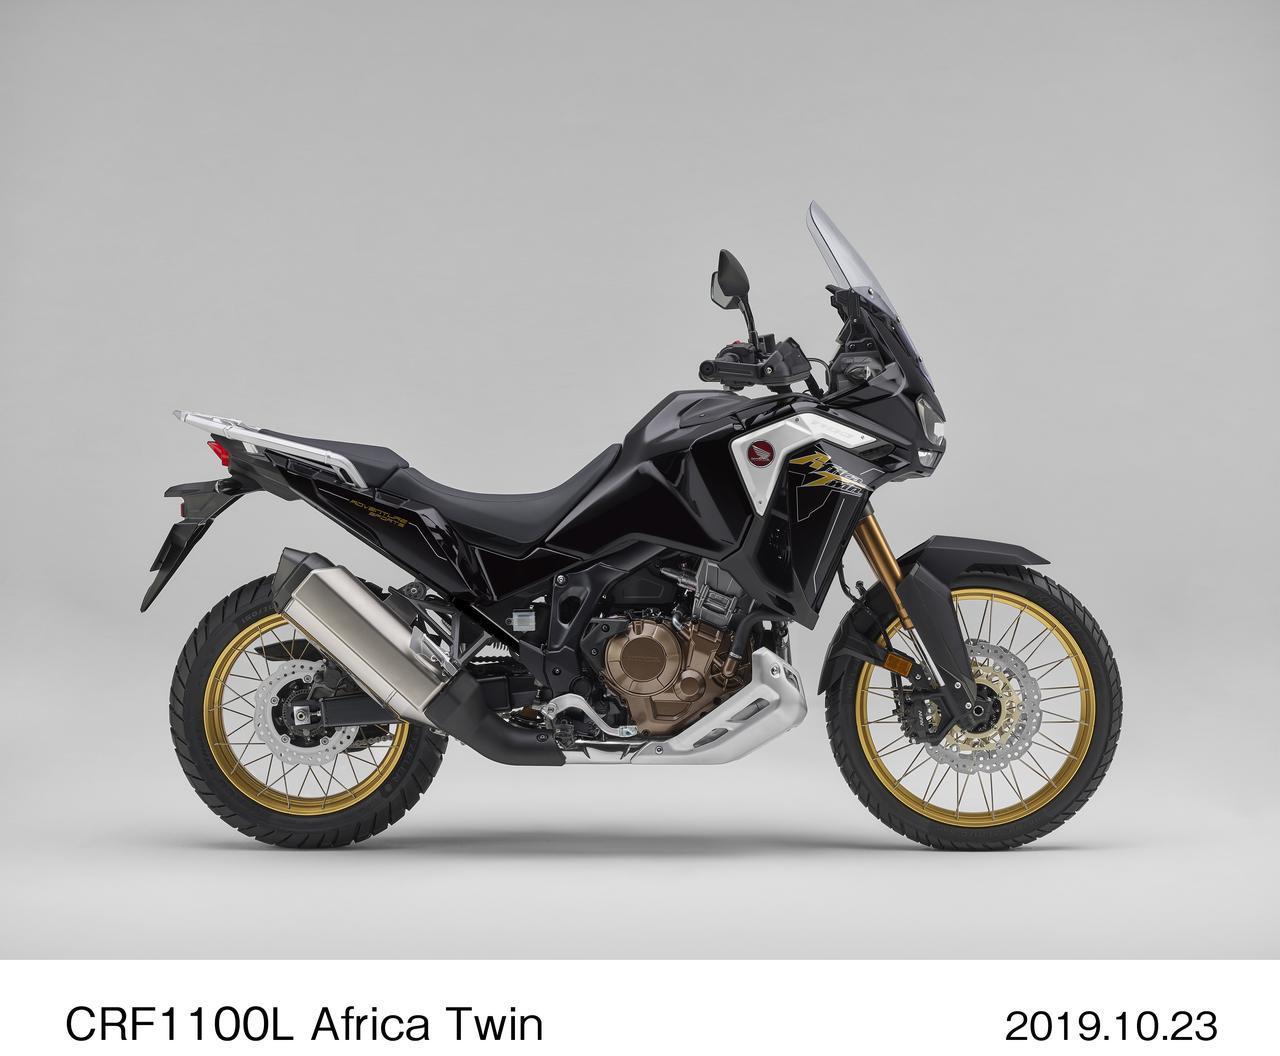 画像6: ホンダ「CRF1100L Africa Twin」が2月14日(金)発売! 新型アフリカツイン・全シリーズの価格と発売日のまとめ